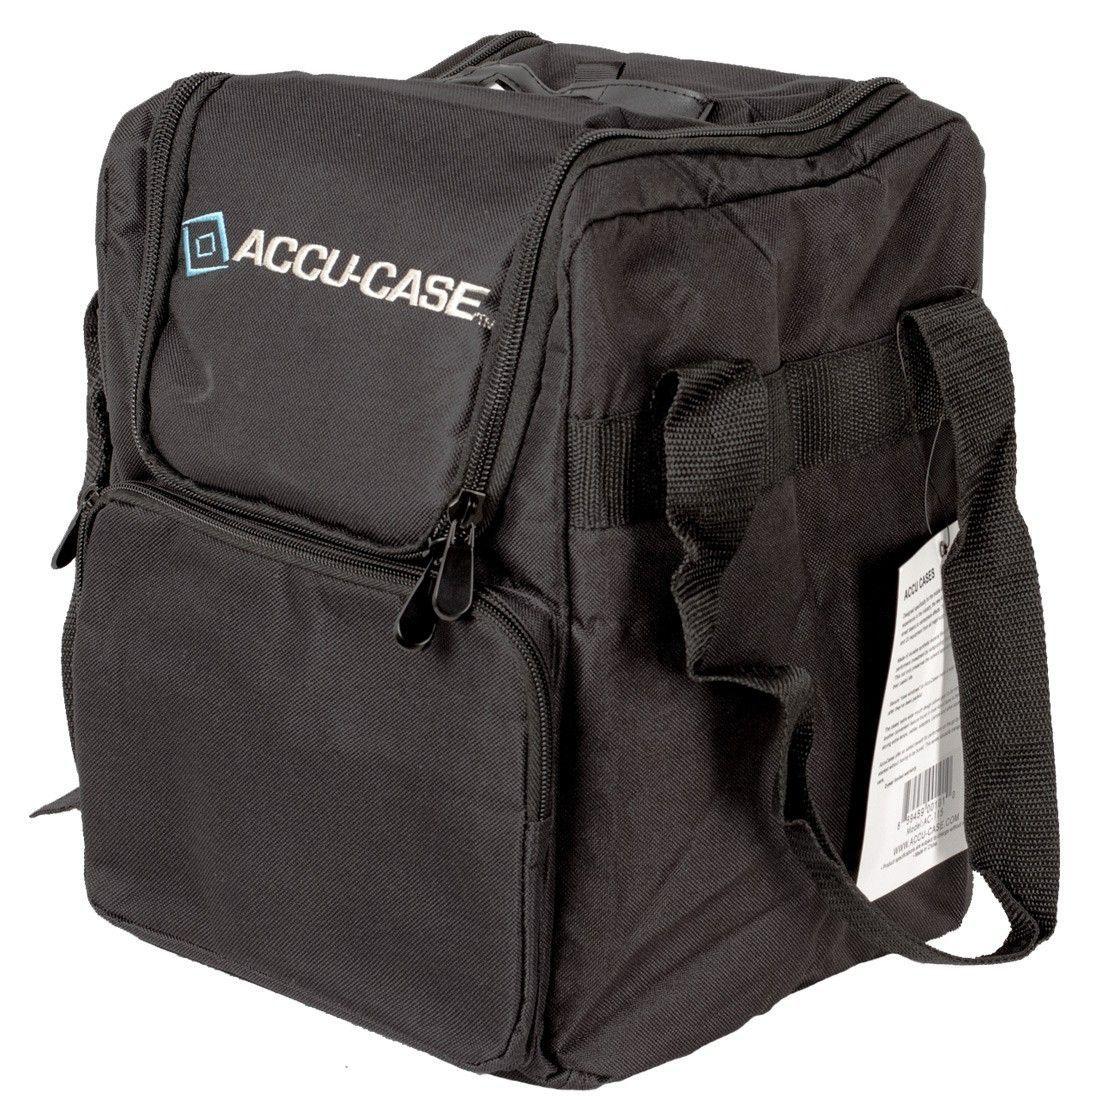 Accu-Case ASC-AC-115 Bag 240 x 190 x 300 mm, Gigbag, Transporttasche